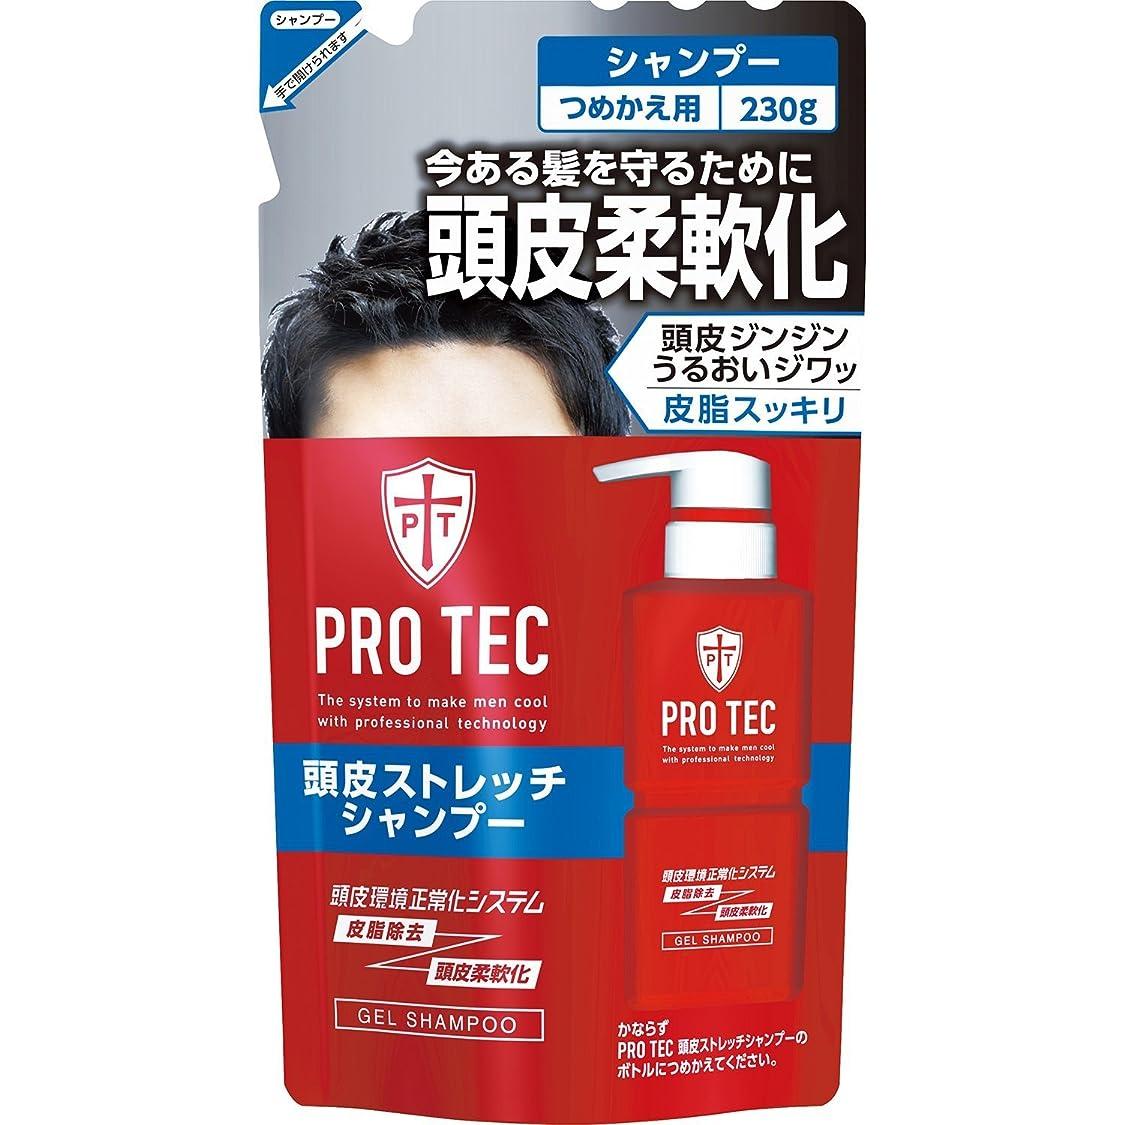 どこにも食べる記念PRO TEC(プロテク) 頭皮ストレッチシャンプー つめかえ用 230g (医薬部外品) ×10個セット